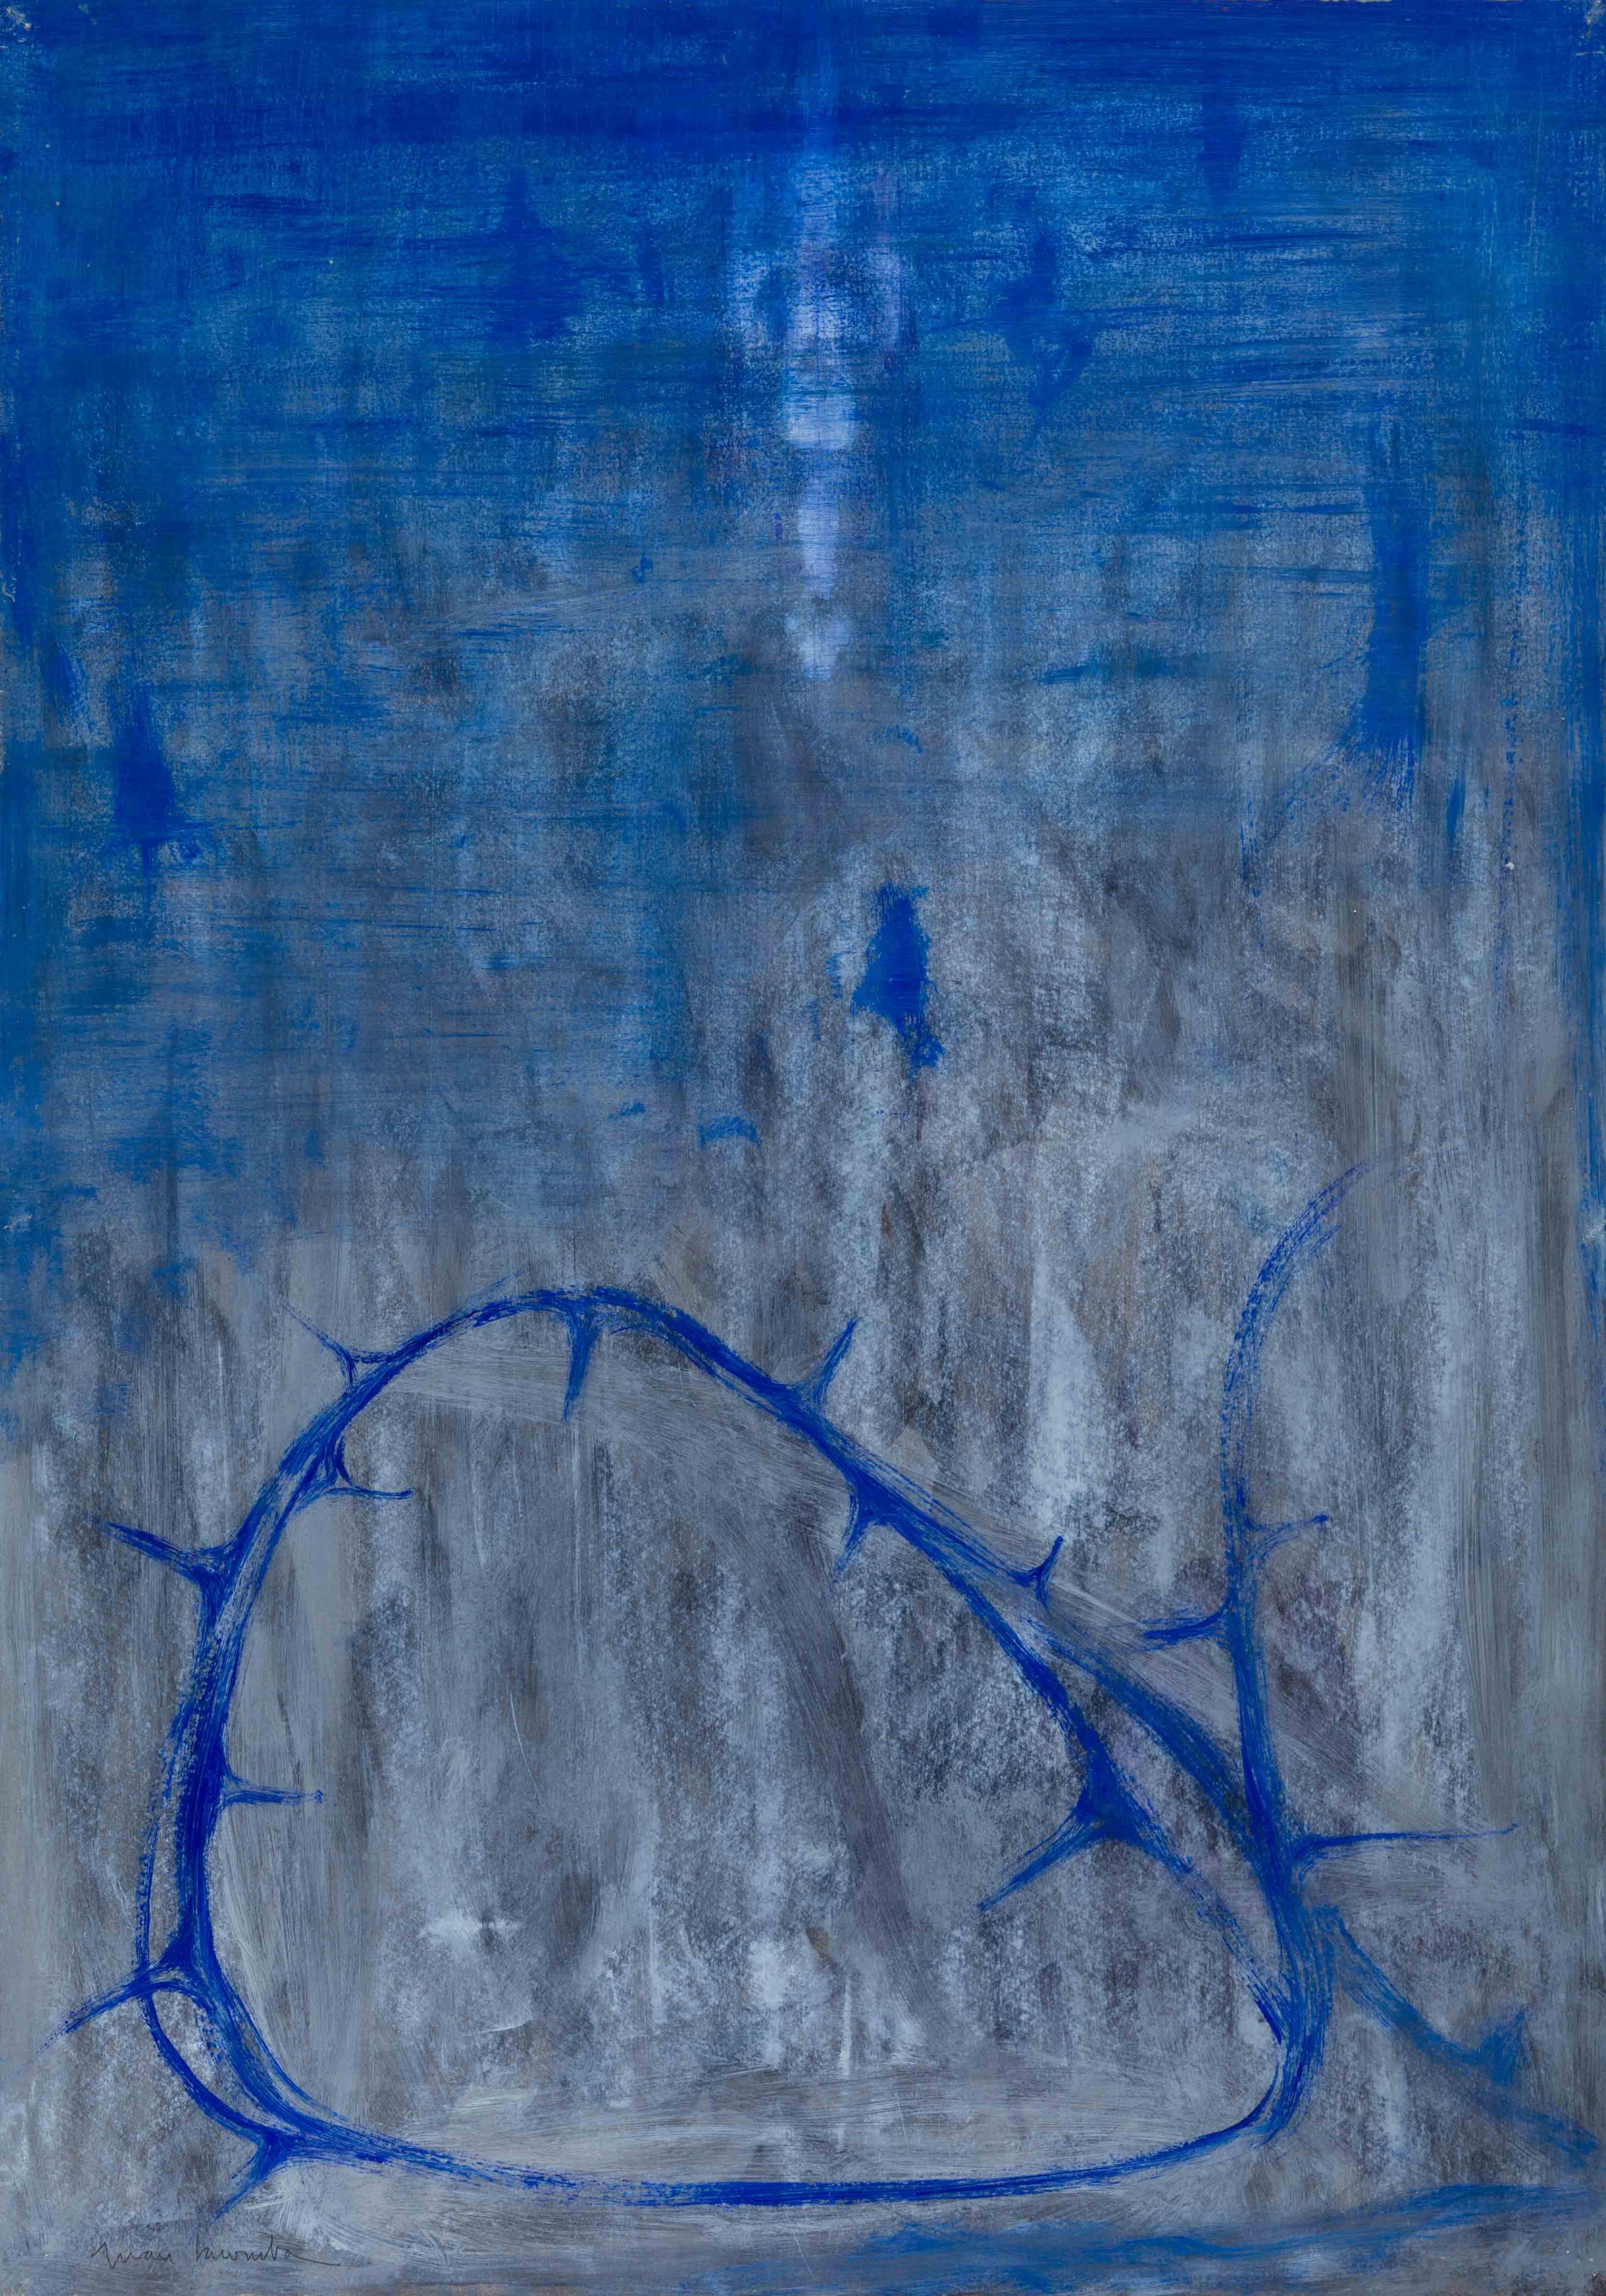 2008 Espinos azul,  2